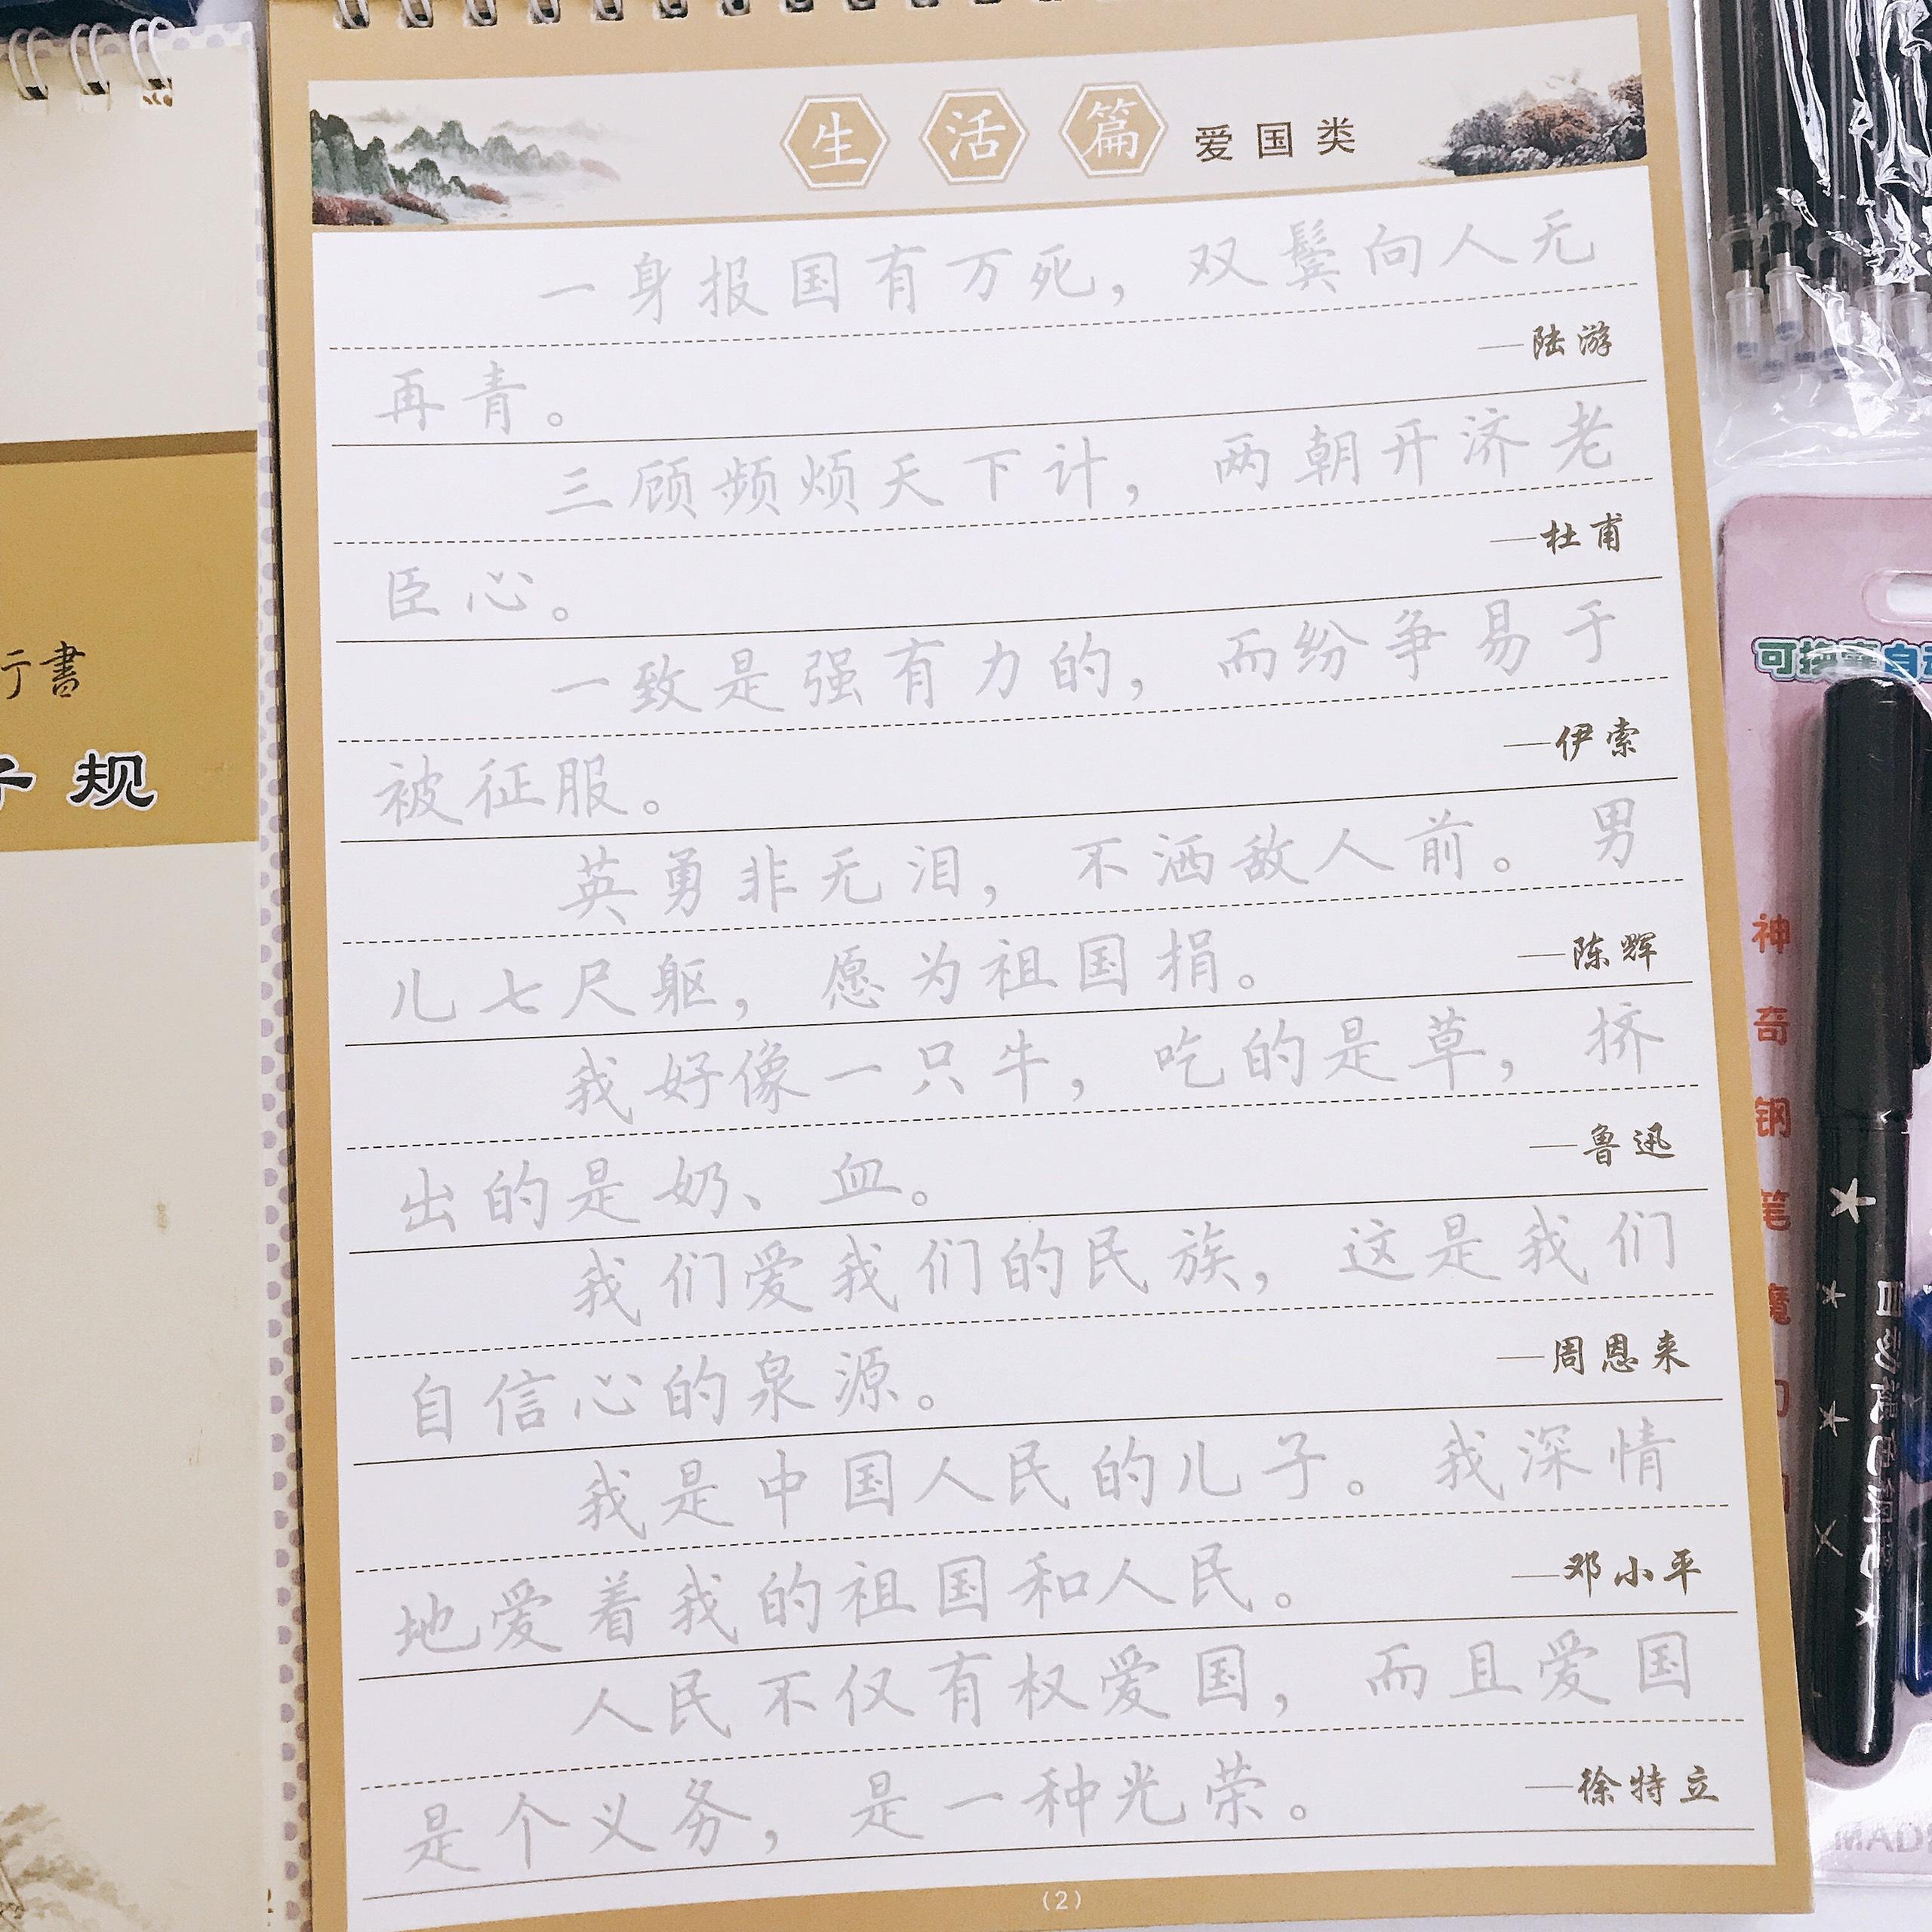 Bộ Bút tập viết thư pháp chữ hán Lý Bạch 5000 chữ + DVD quà tặng